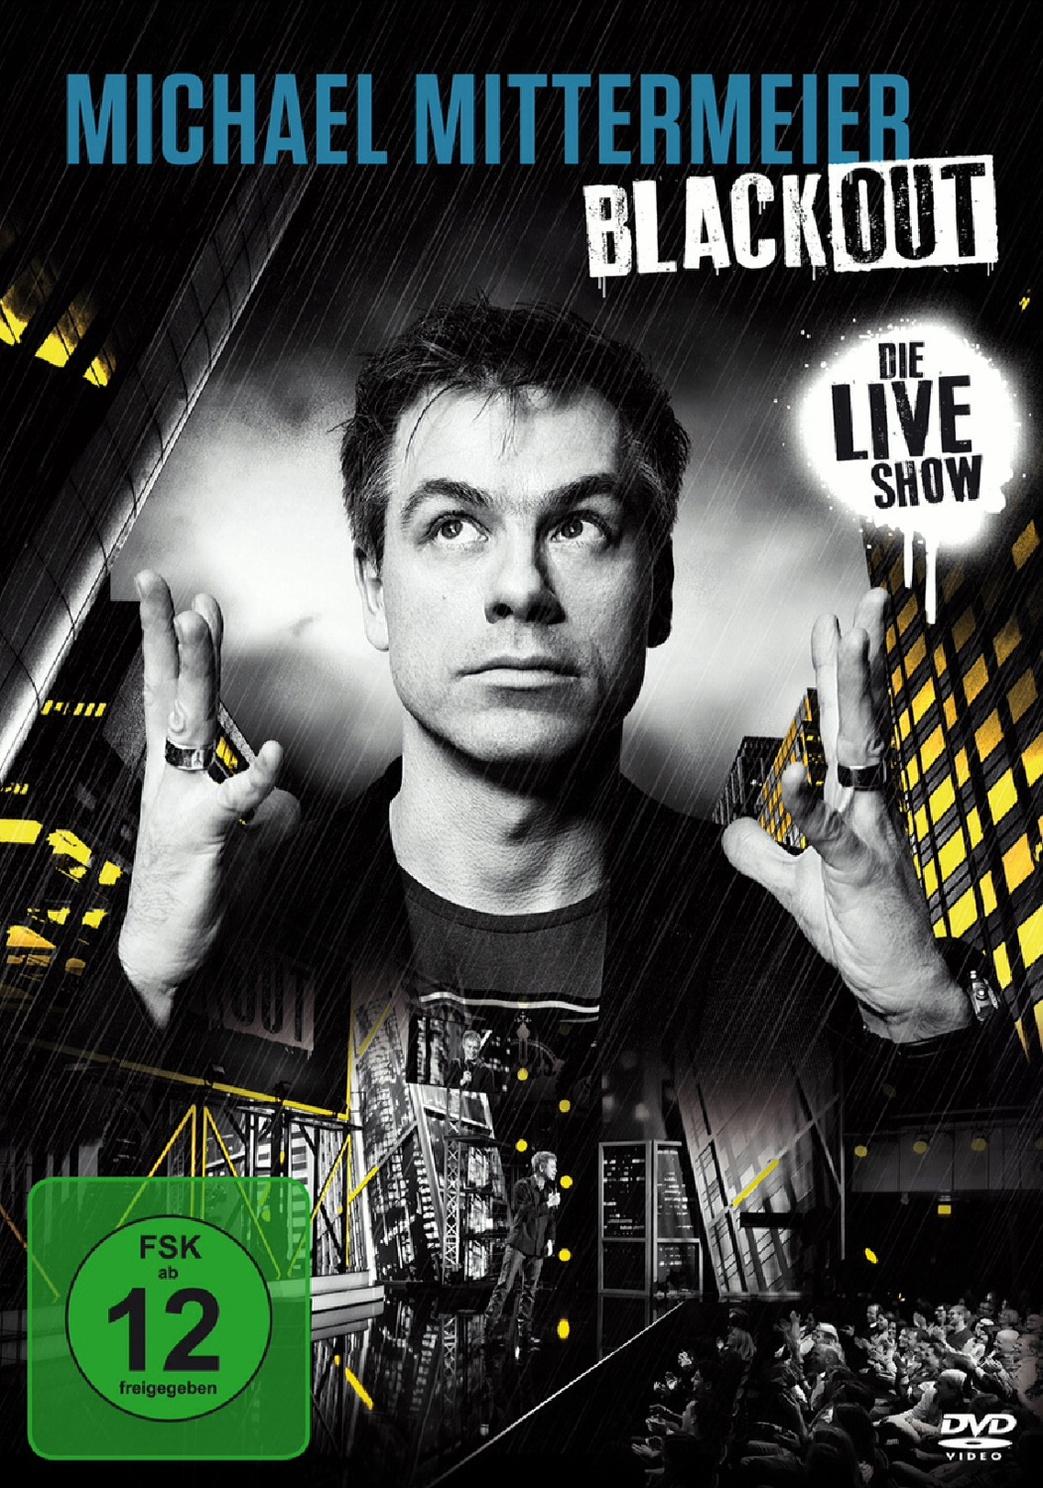 Michael Mittermeier - Blackout/Die Live Show